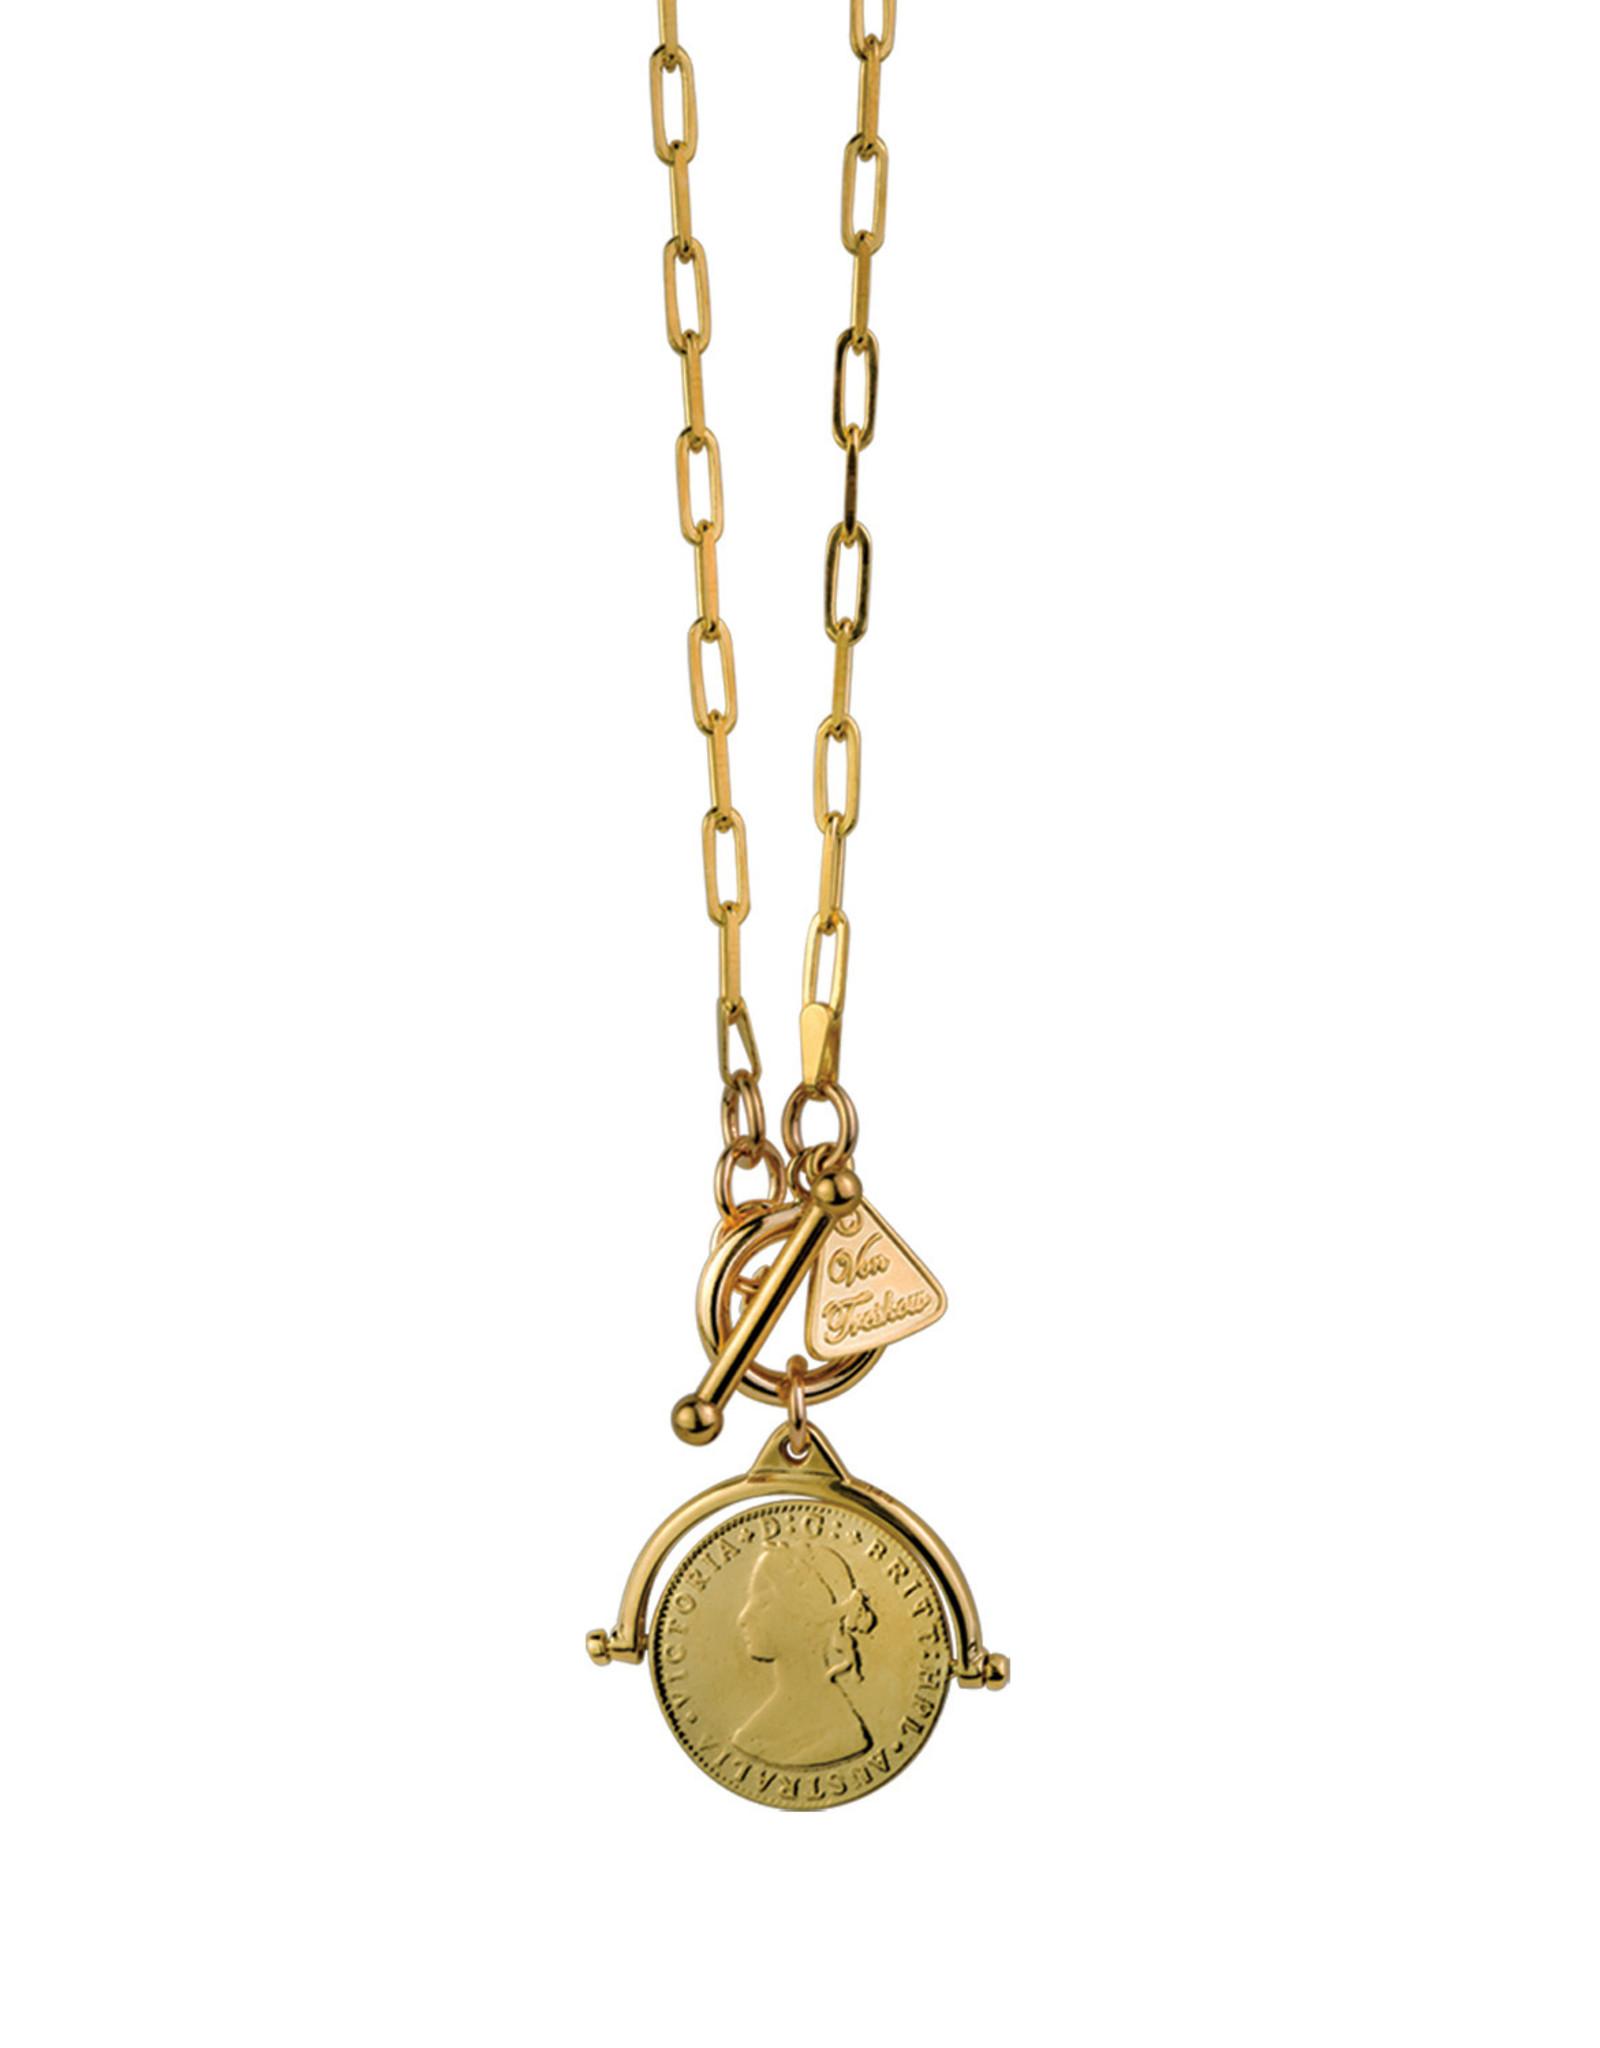 VON TRESKOW COIN FLIP NECKLACE WITH CLIP CHAIN GOLD